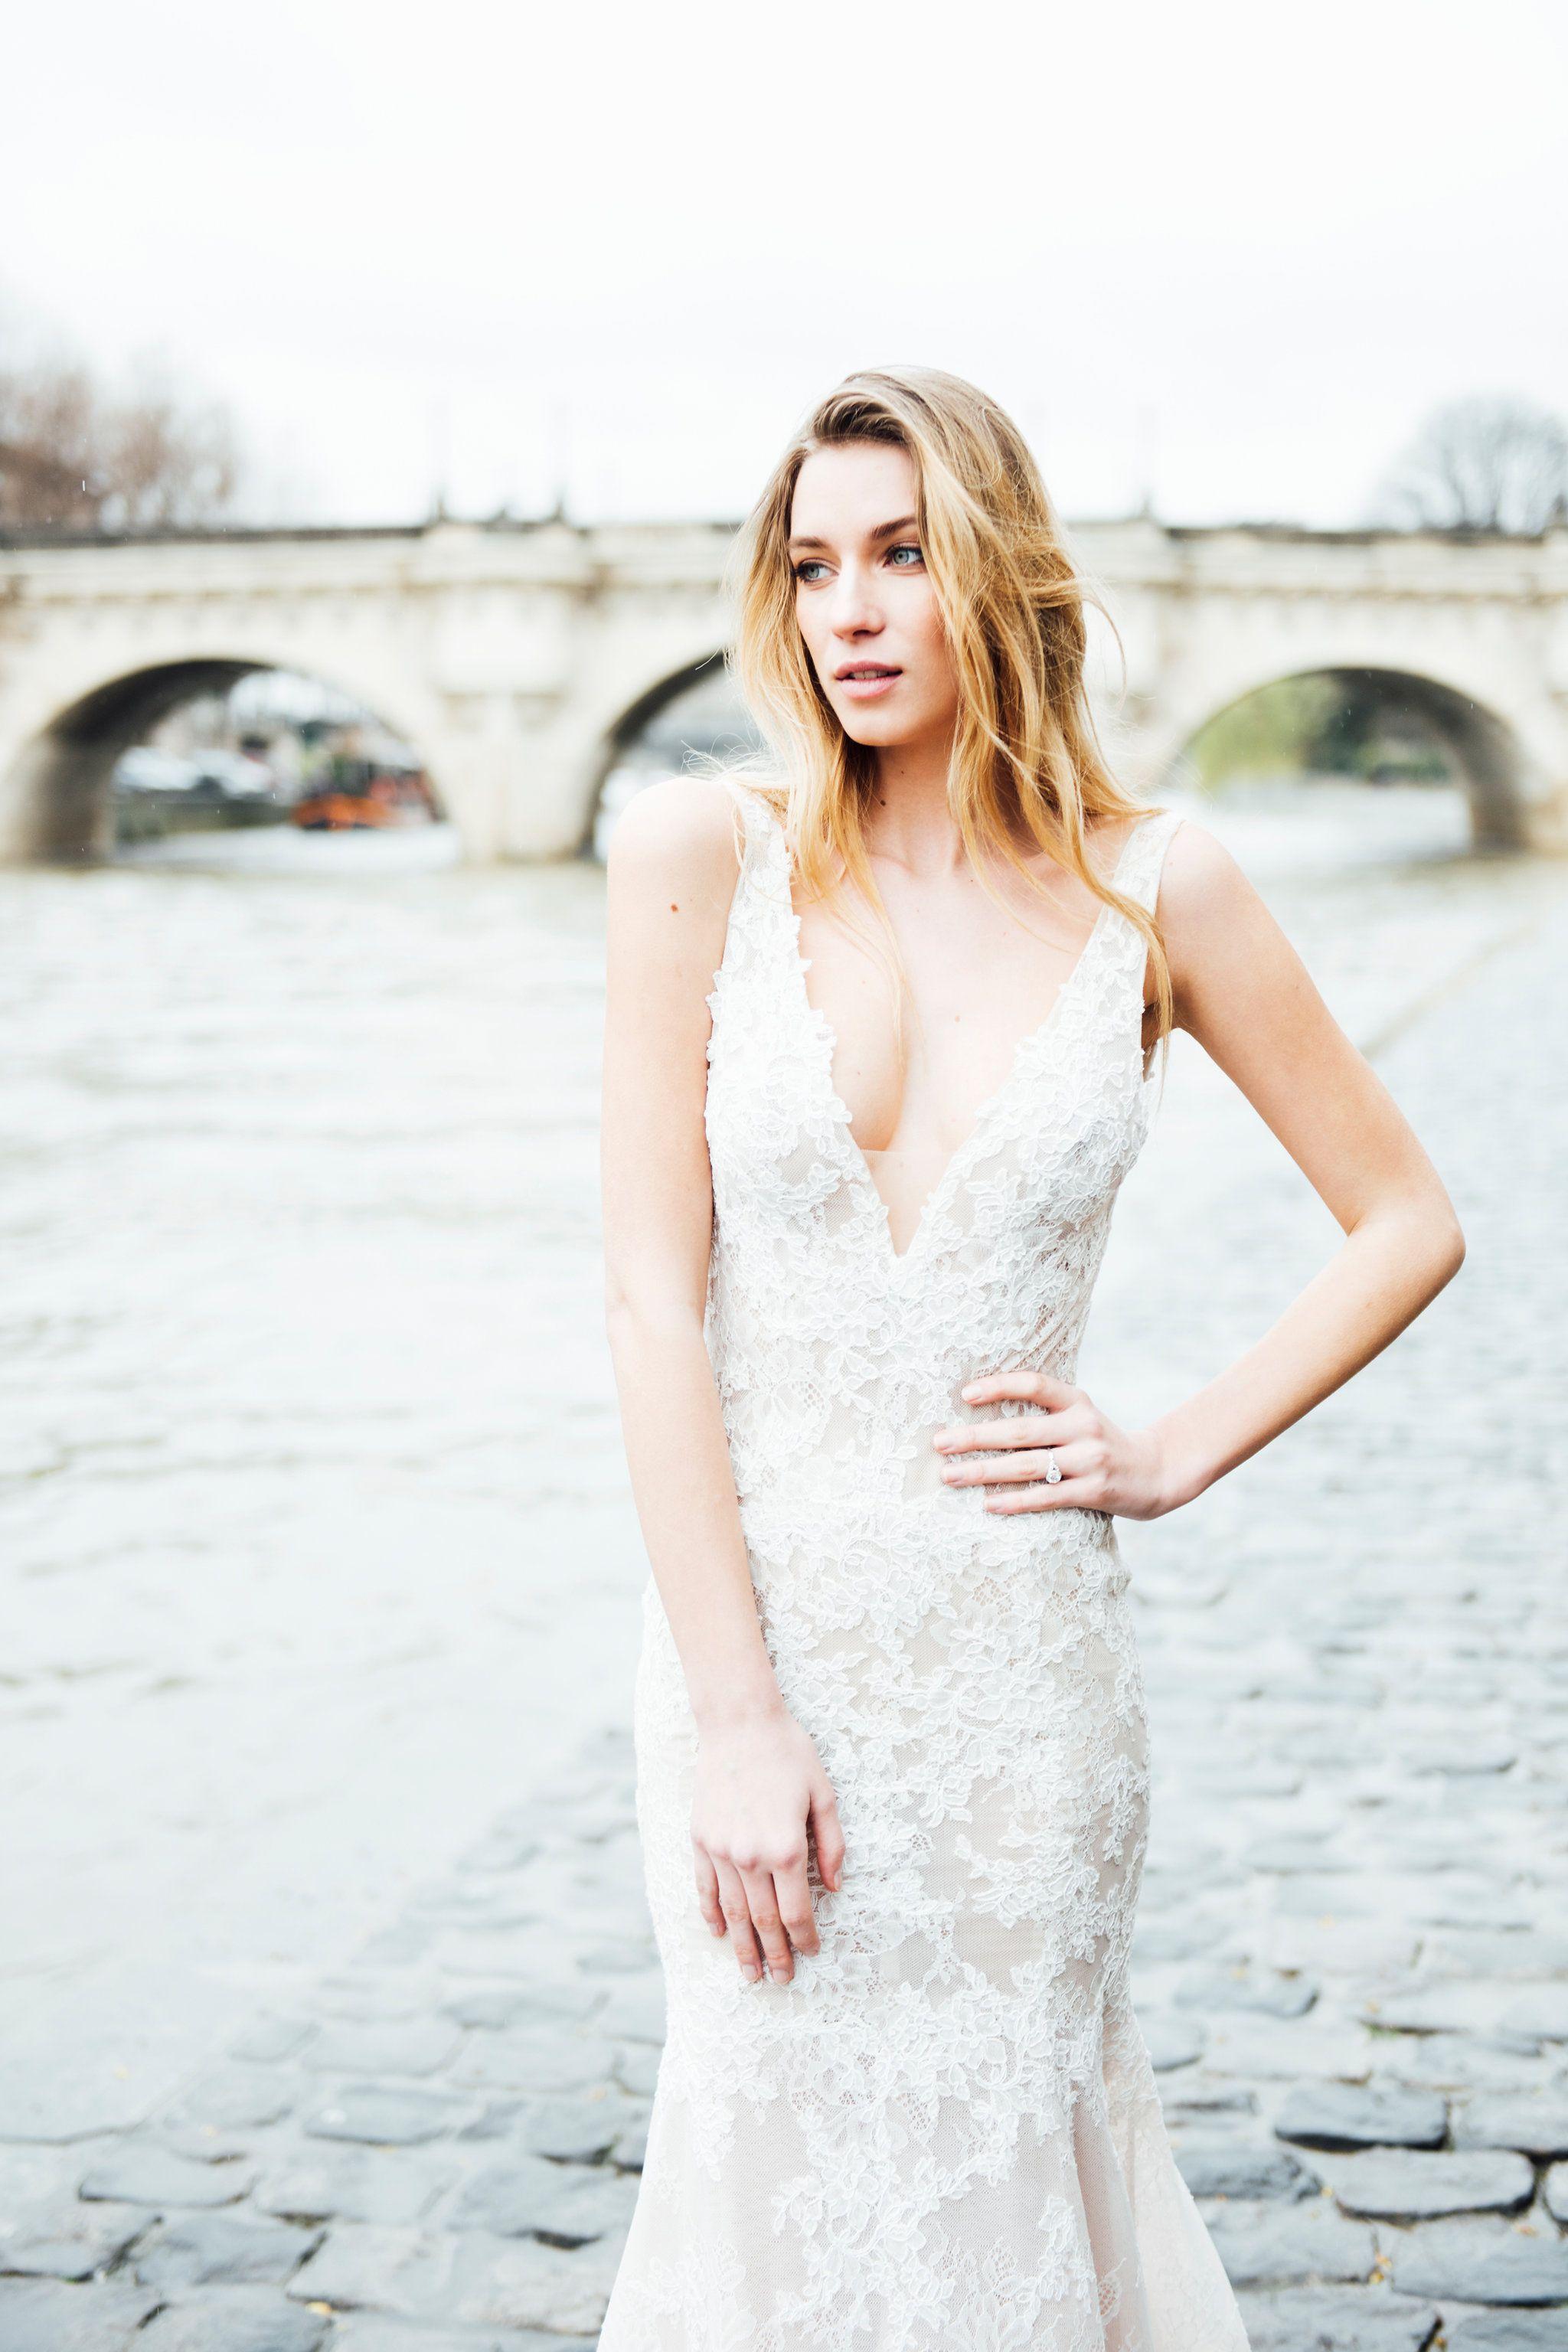 Tolle Monique Brautkleid Bilder - Hochzeit Kleid Stile Ideen ...